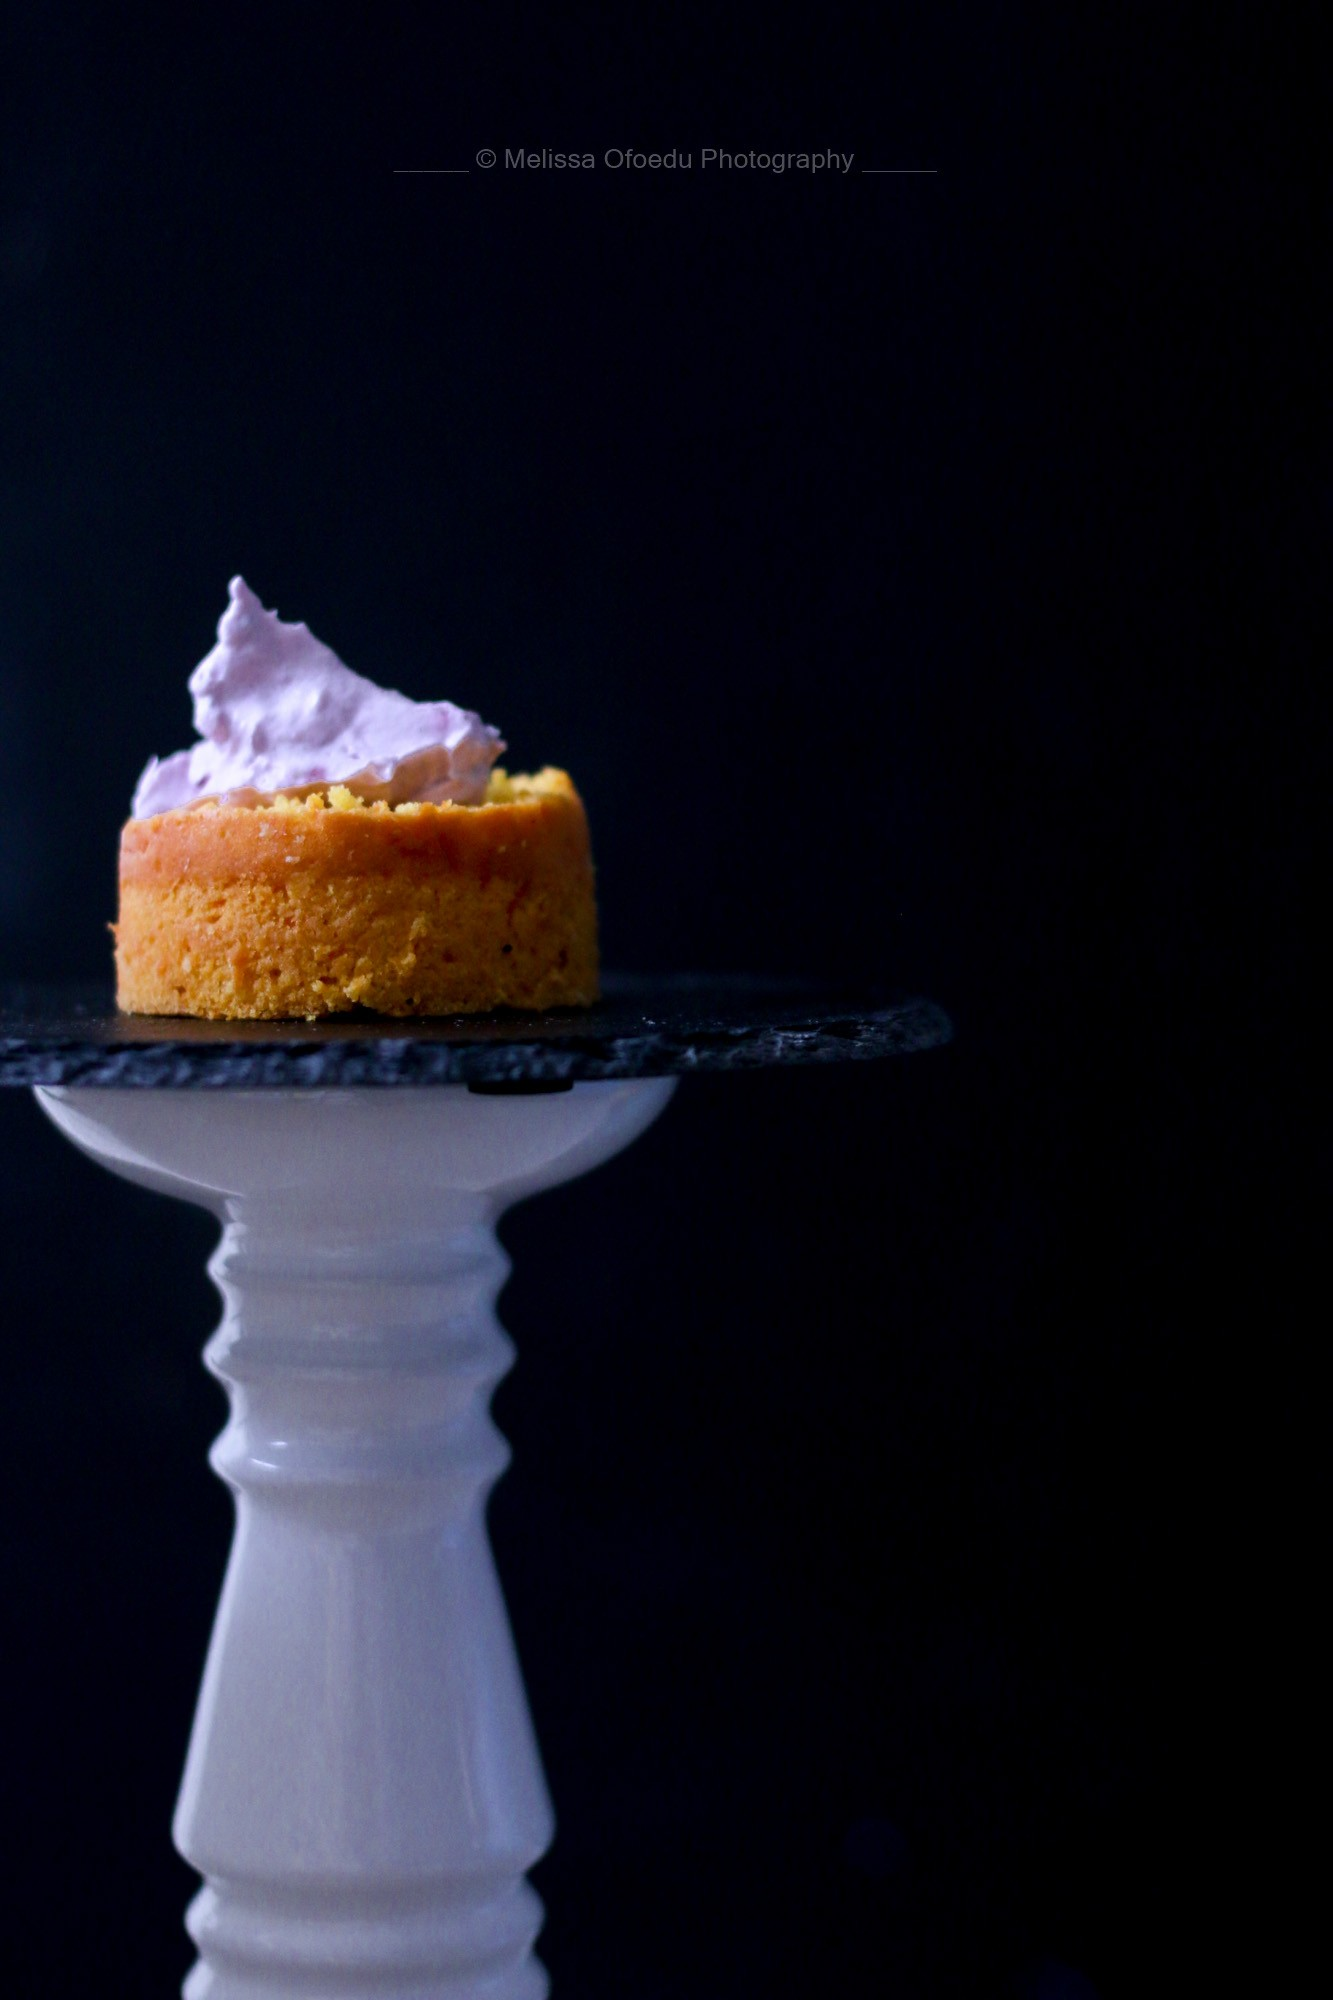 pumpkin-spice-cake-with-blackberrycream-melissa-ofoedu-photography-4-von-1